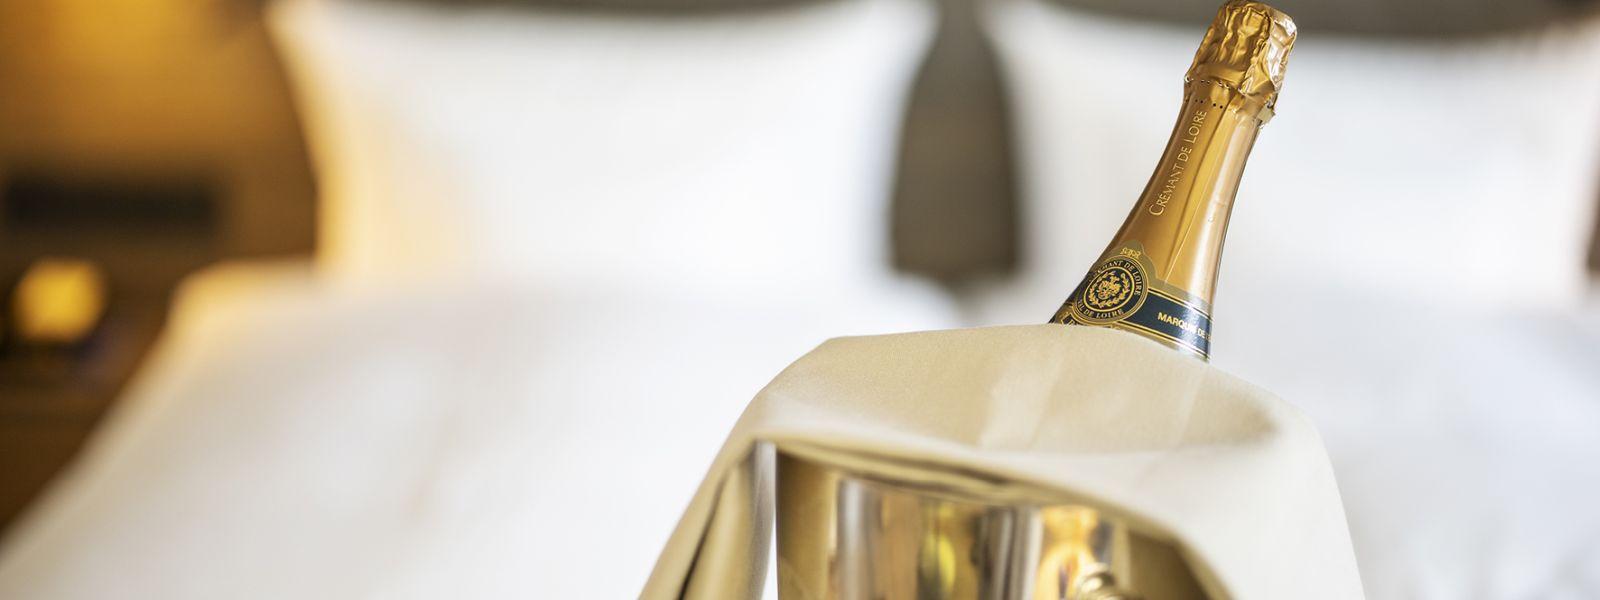 Gasthof Schütte - Champagner Offerte